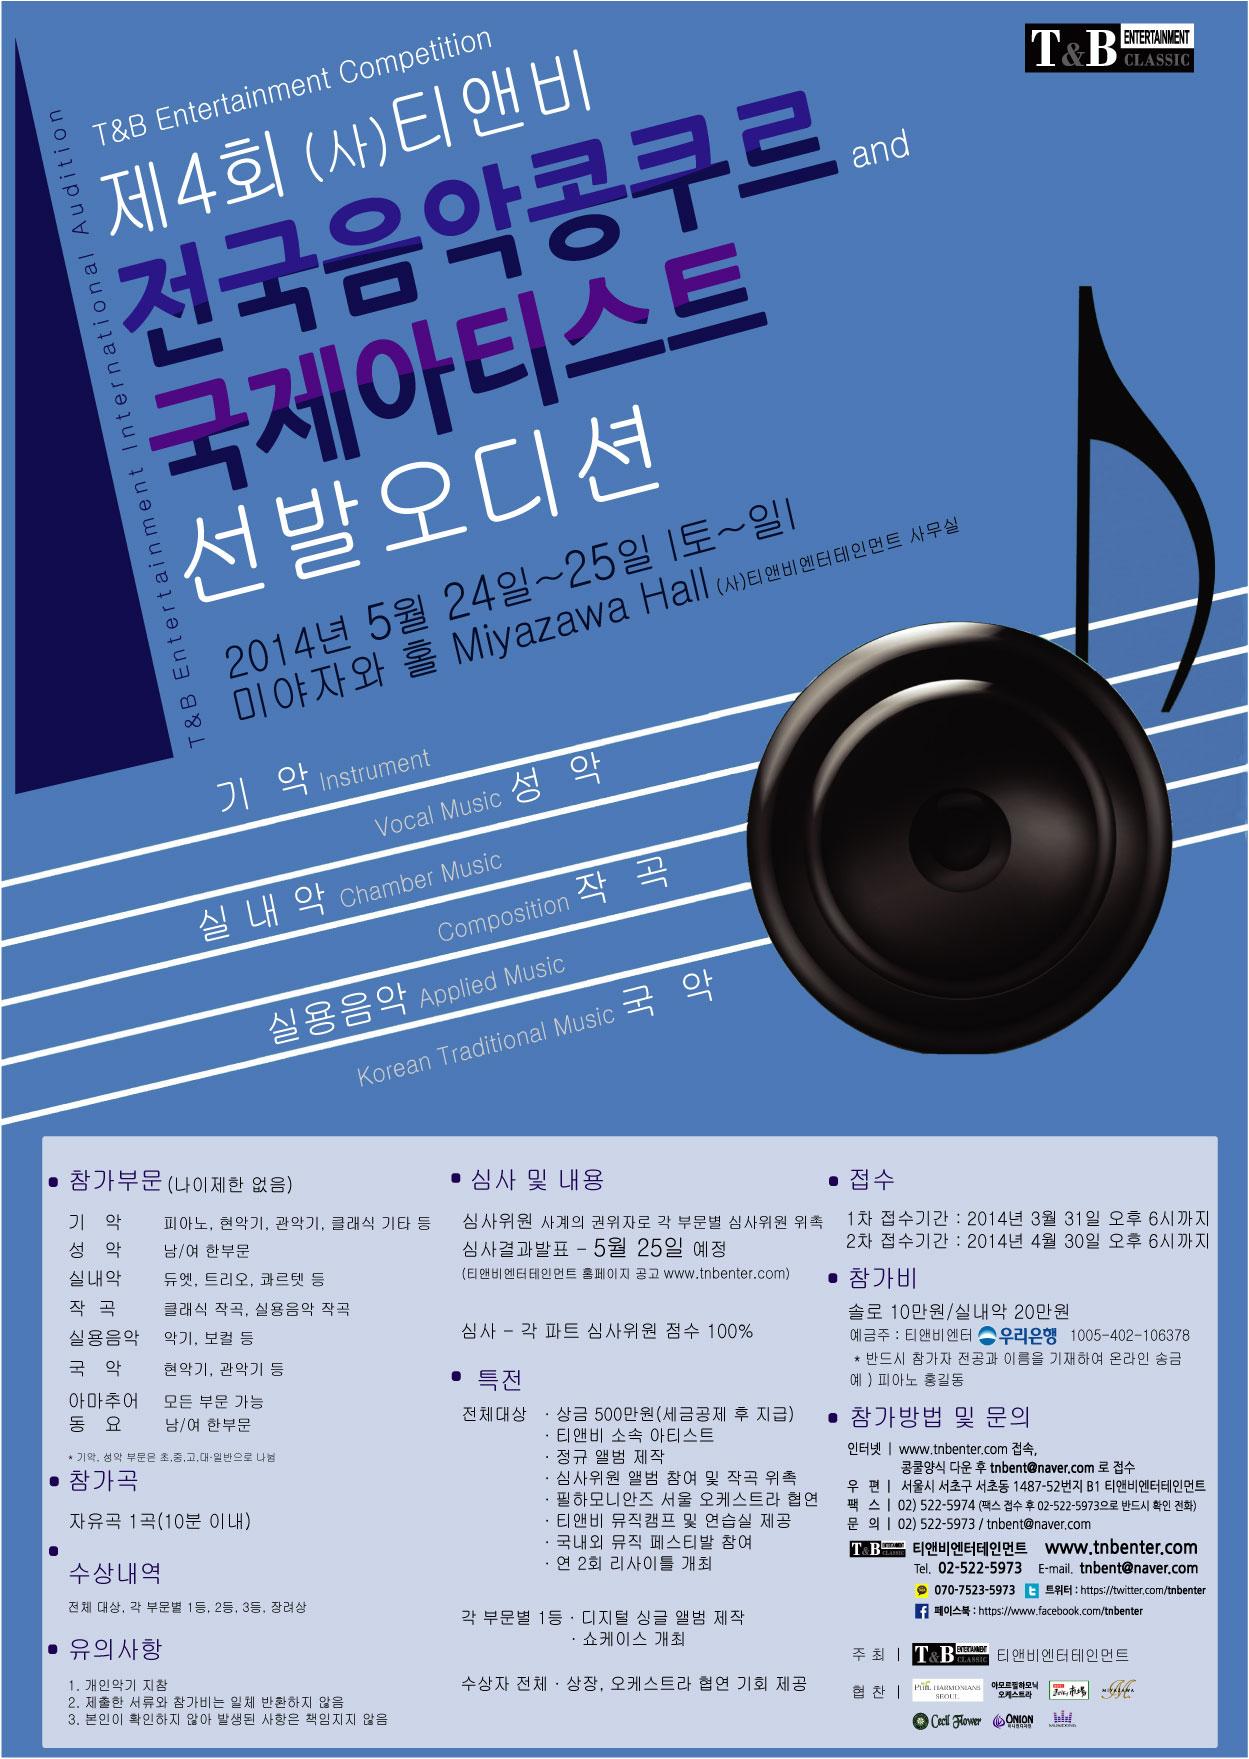 티앤비_콩쿨_포스터.jpg